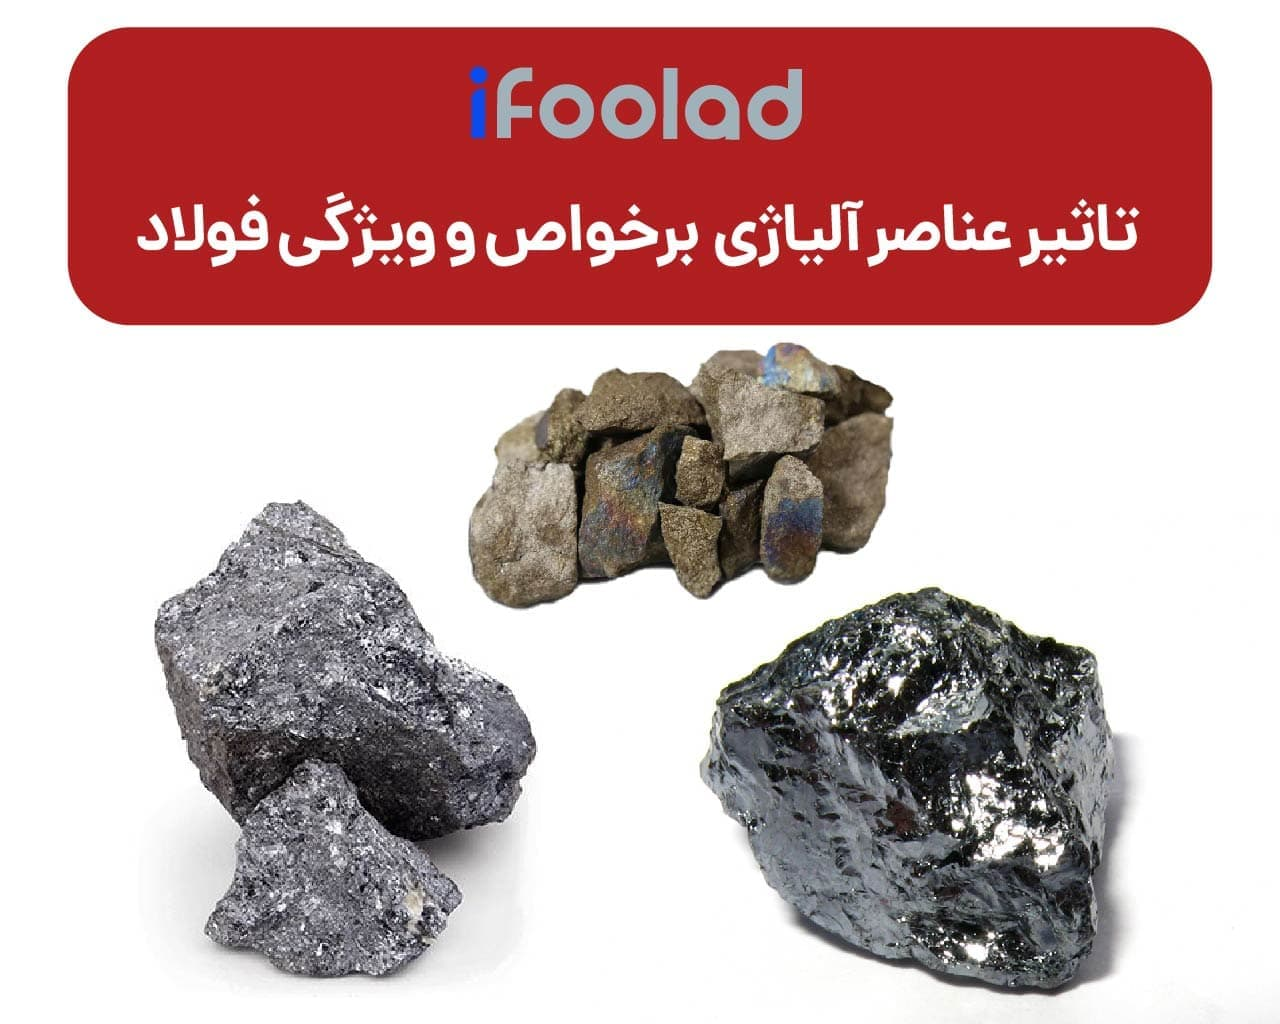 تاثیر عناصر آلیاژی بر خواص و ویژگی های فولاد   هر عنصر چه تاثیری بر فولاد میگذارد؟